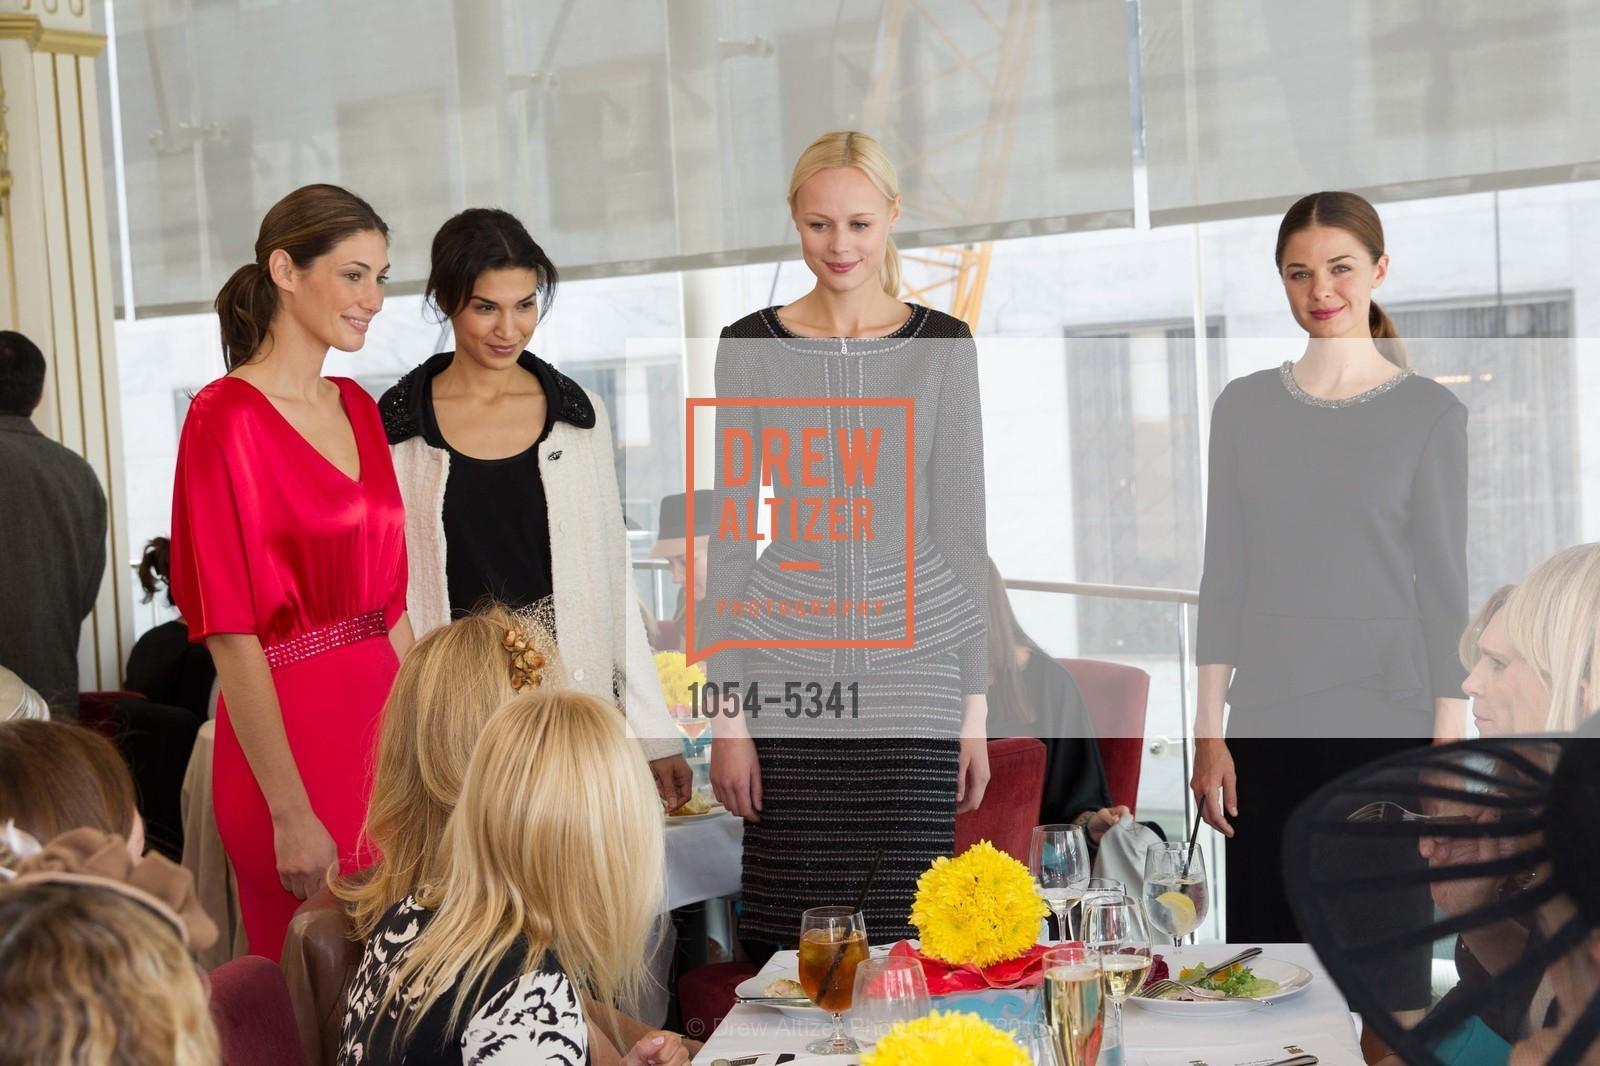 Fashion Show, Photo #1054-5341